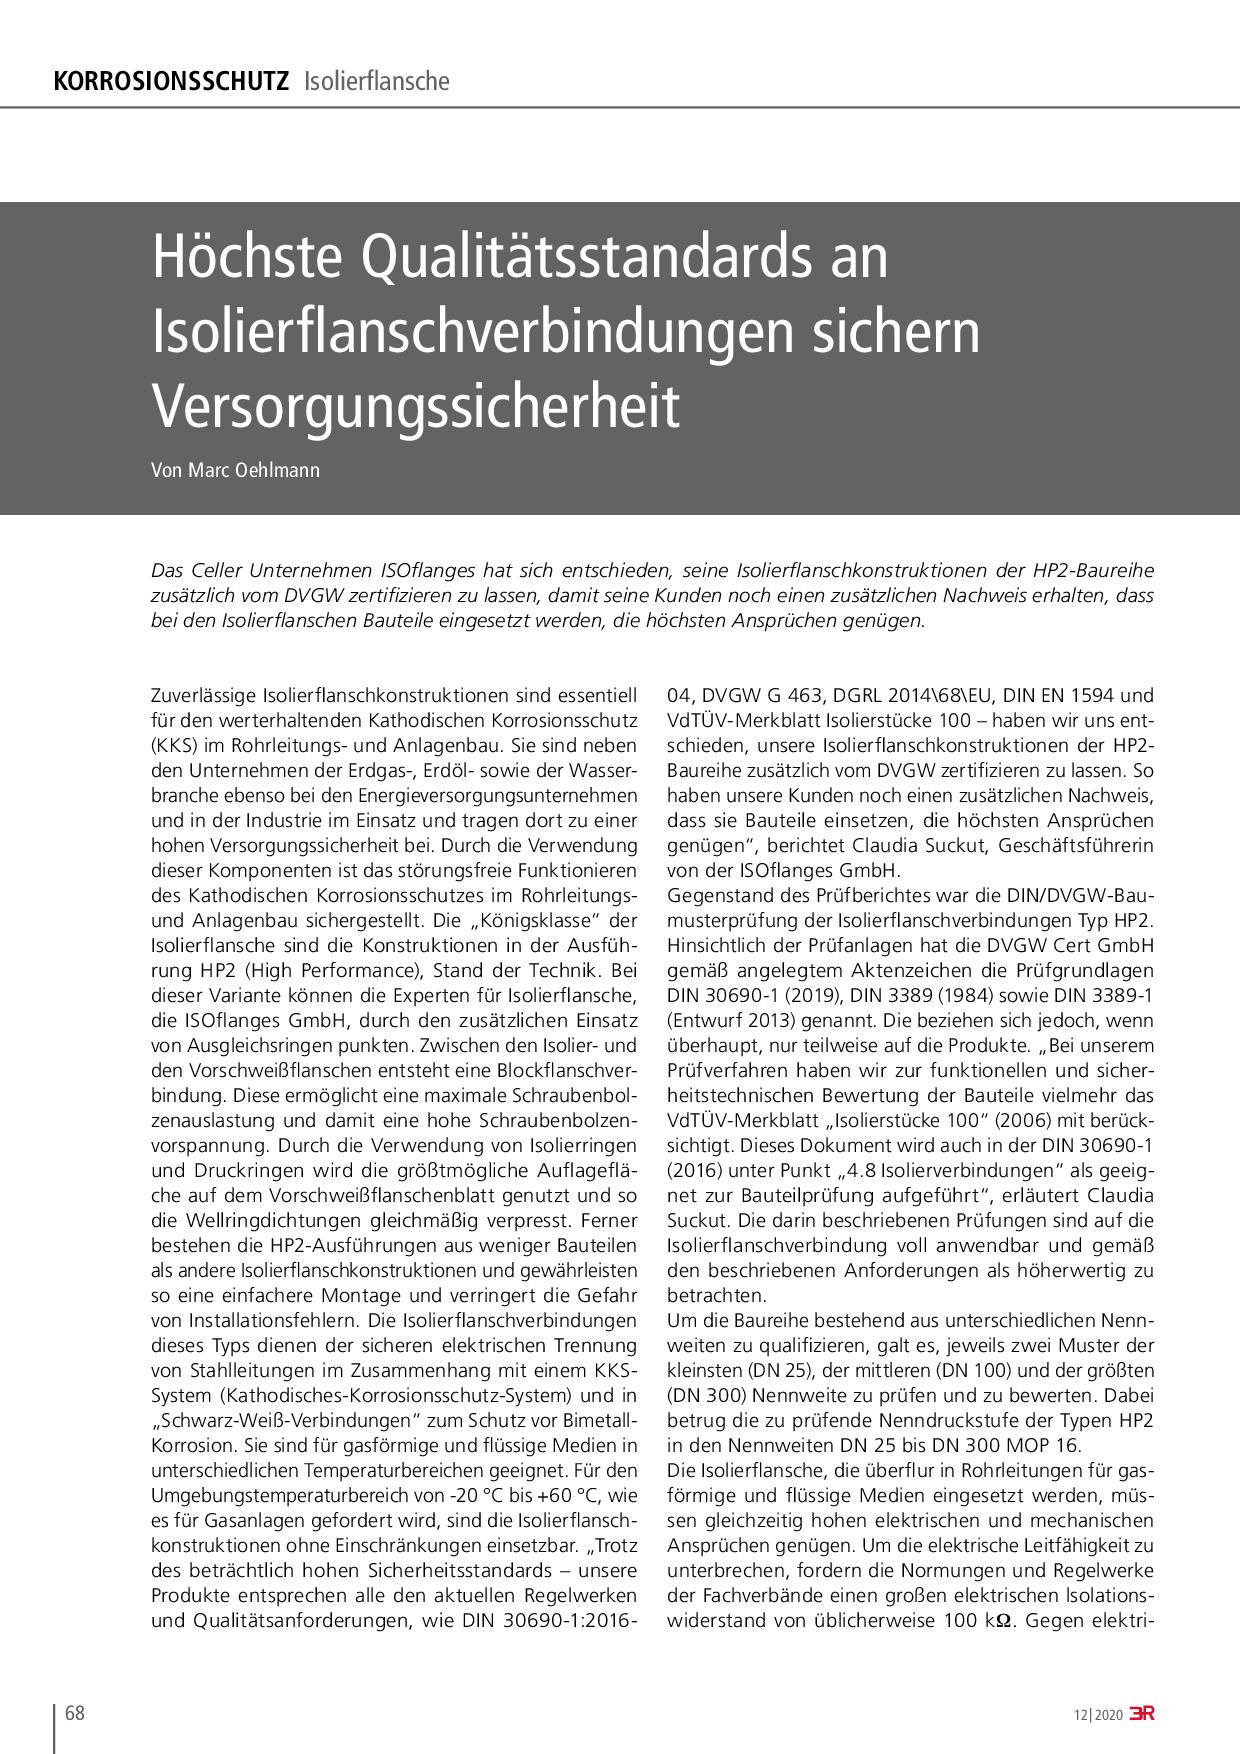 Höchste Qualitätsstandards an Isolierflanschverbindungen sichern Versorgungssicherheit